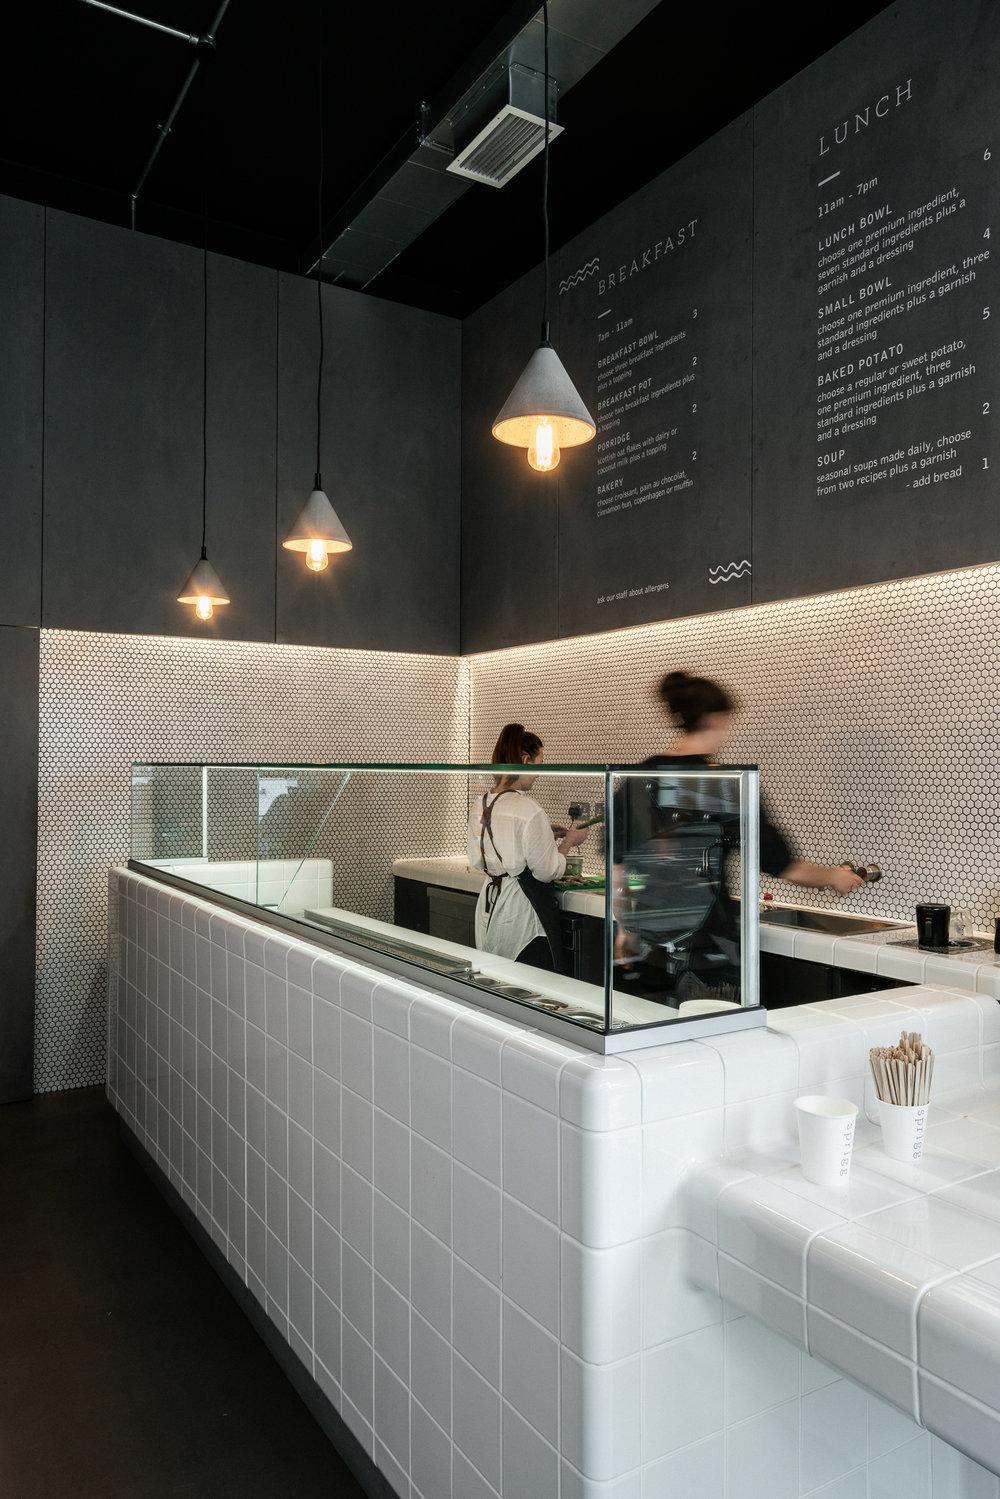 ABP003-Do-Photography-Interior-Sprigg-Glasgow-Scotland-147.jpg